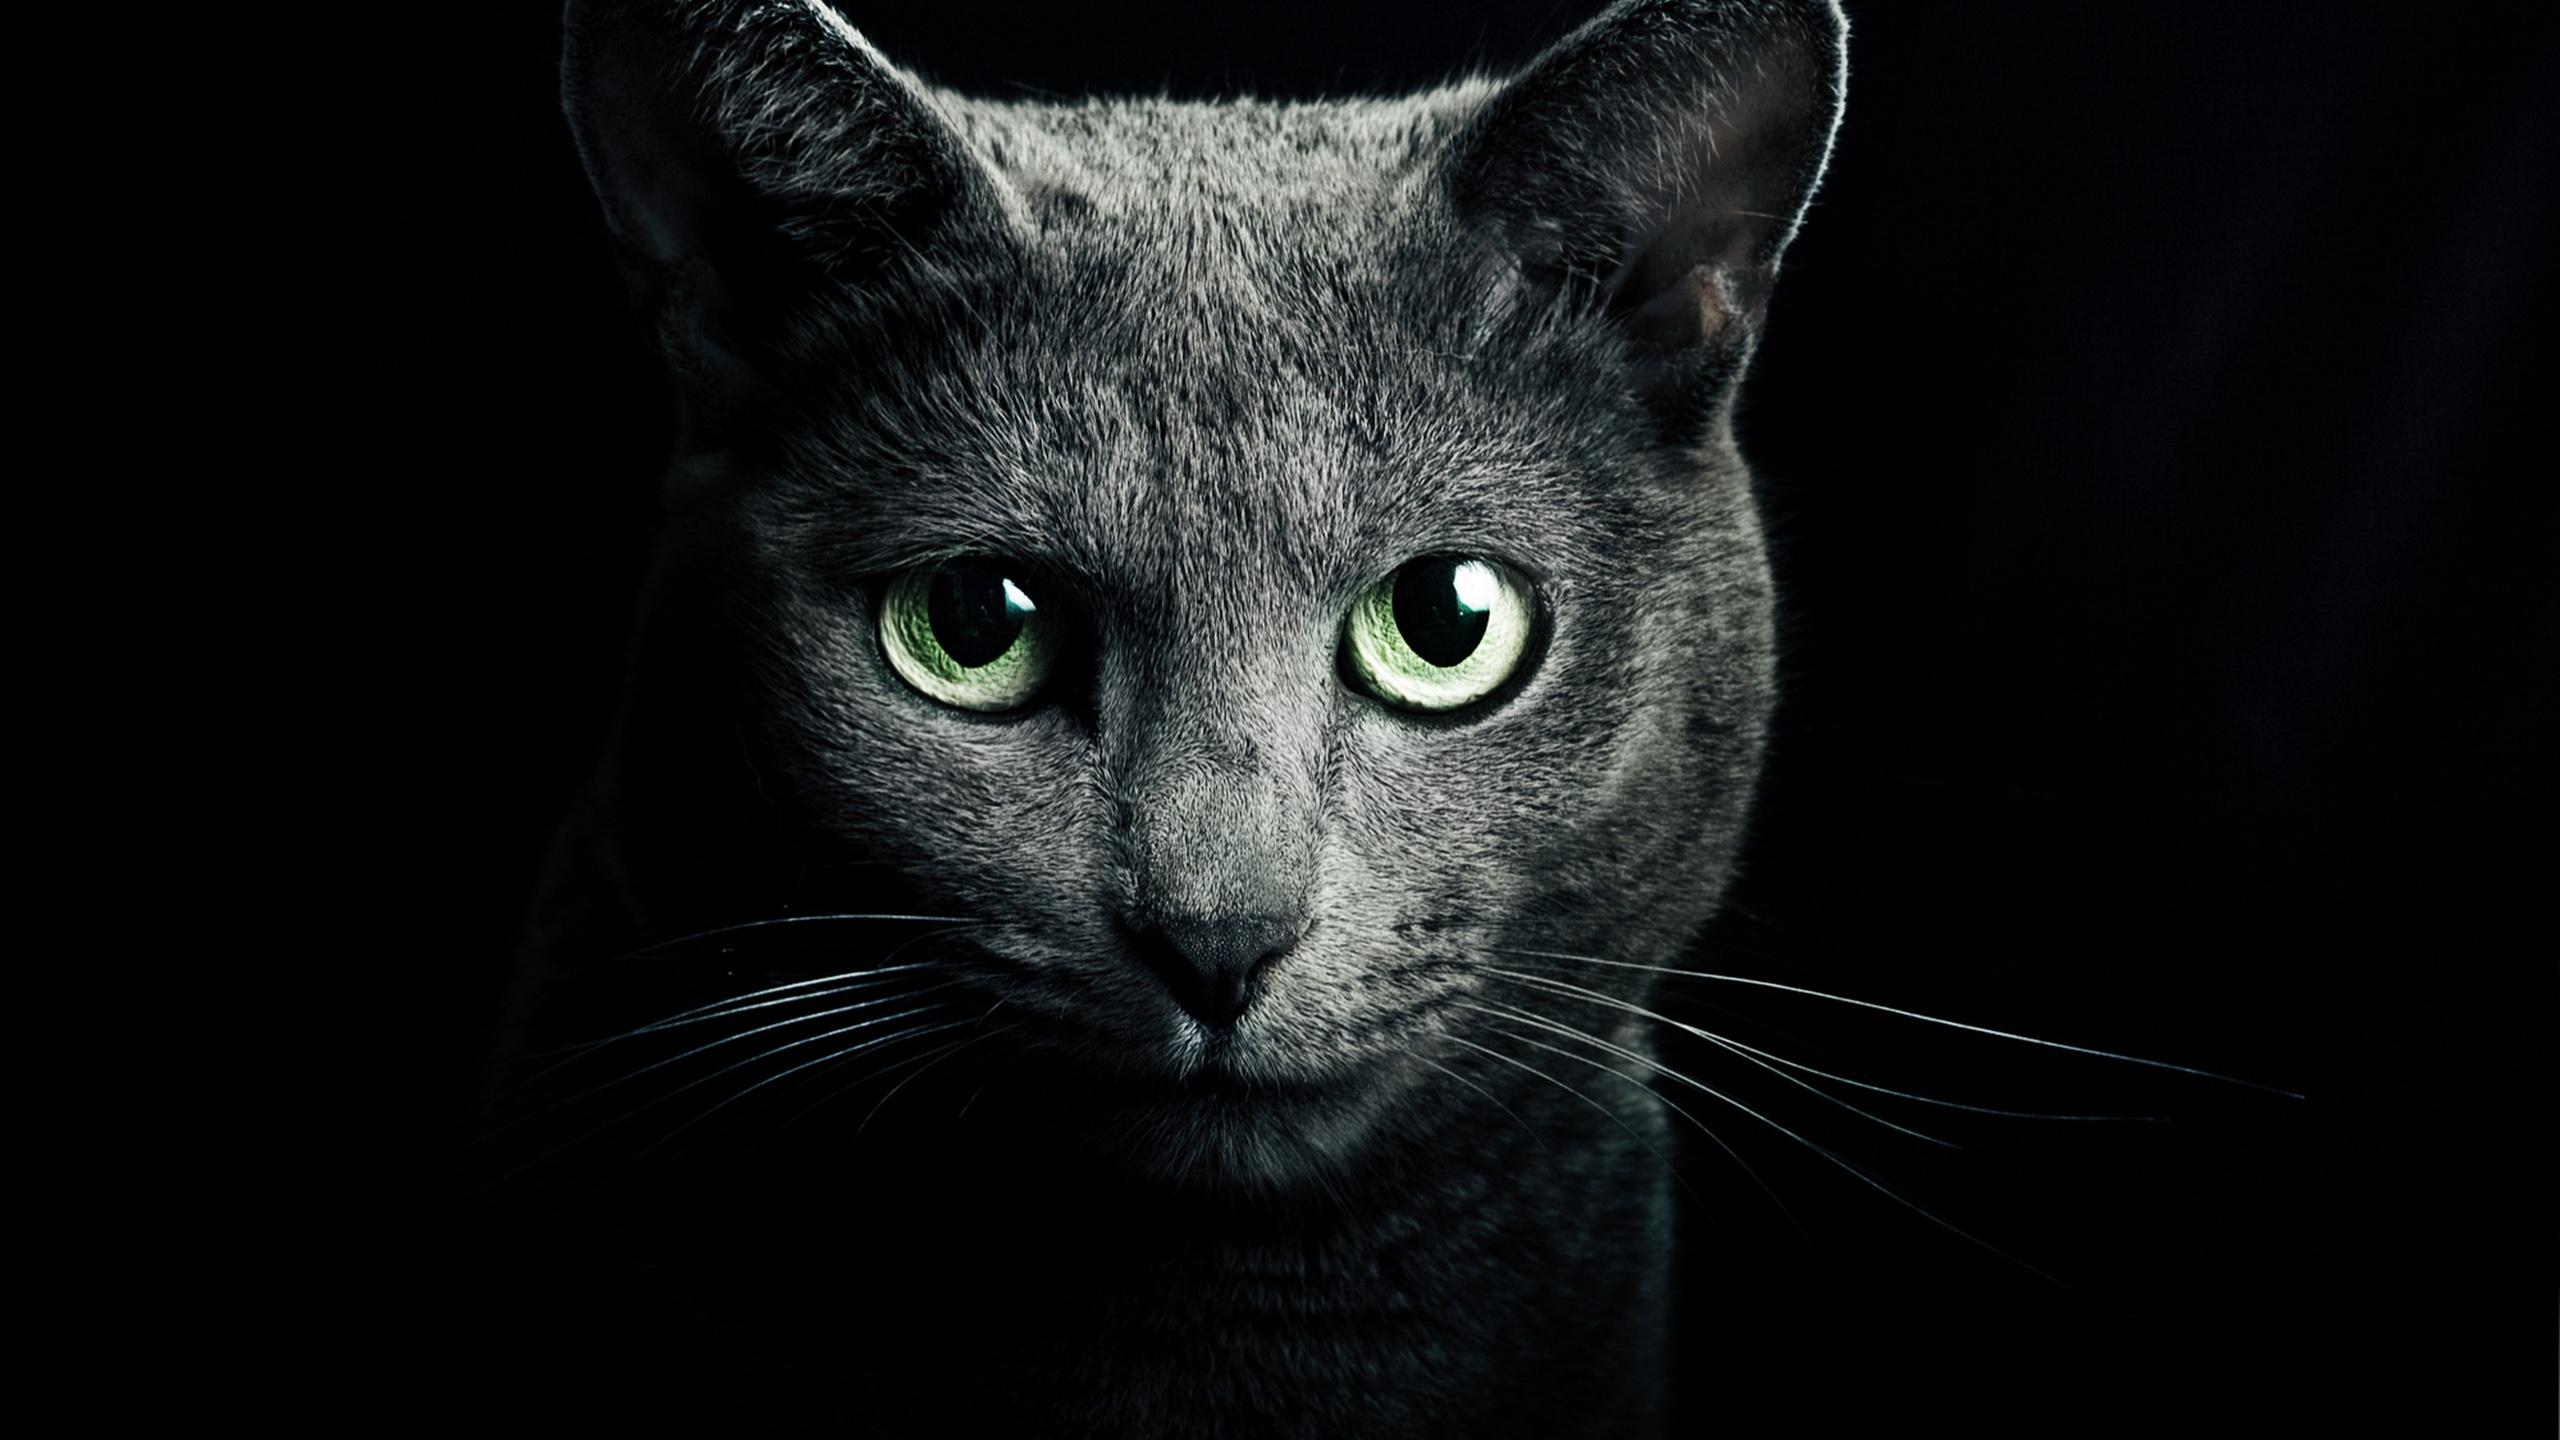 Gatos Dos Olhos Verdes Gato Preto Olhos Verdes